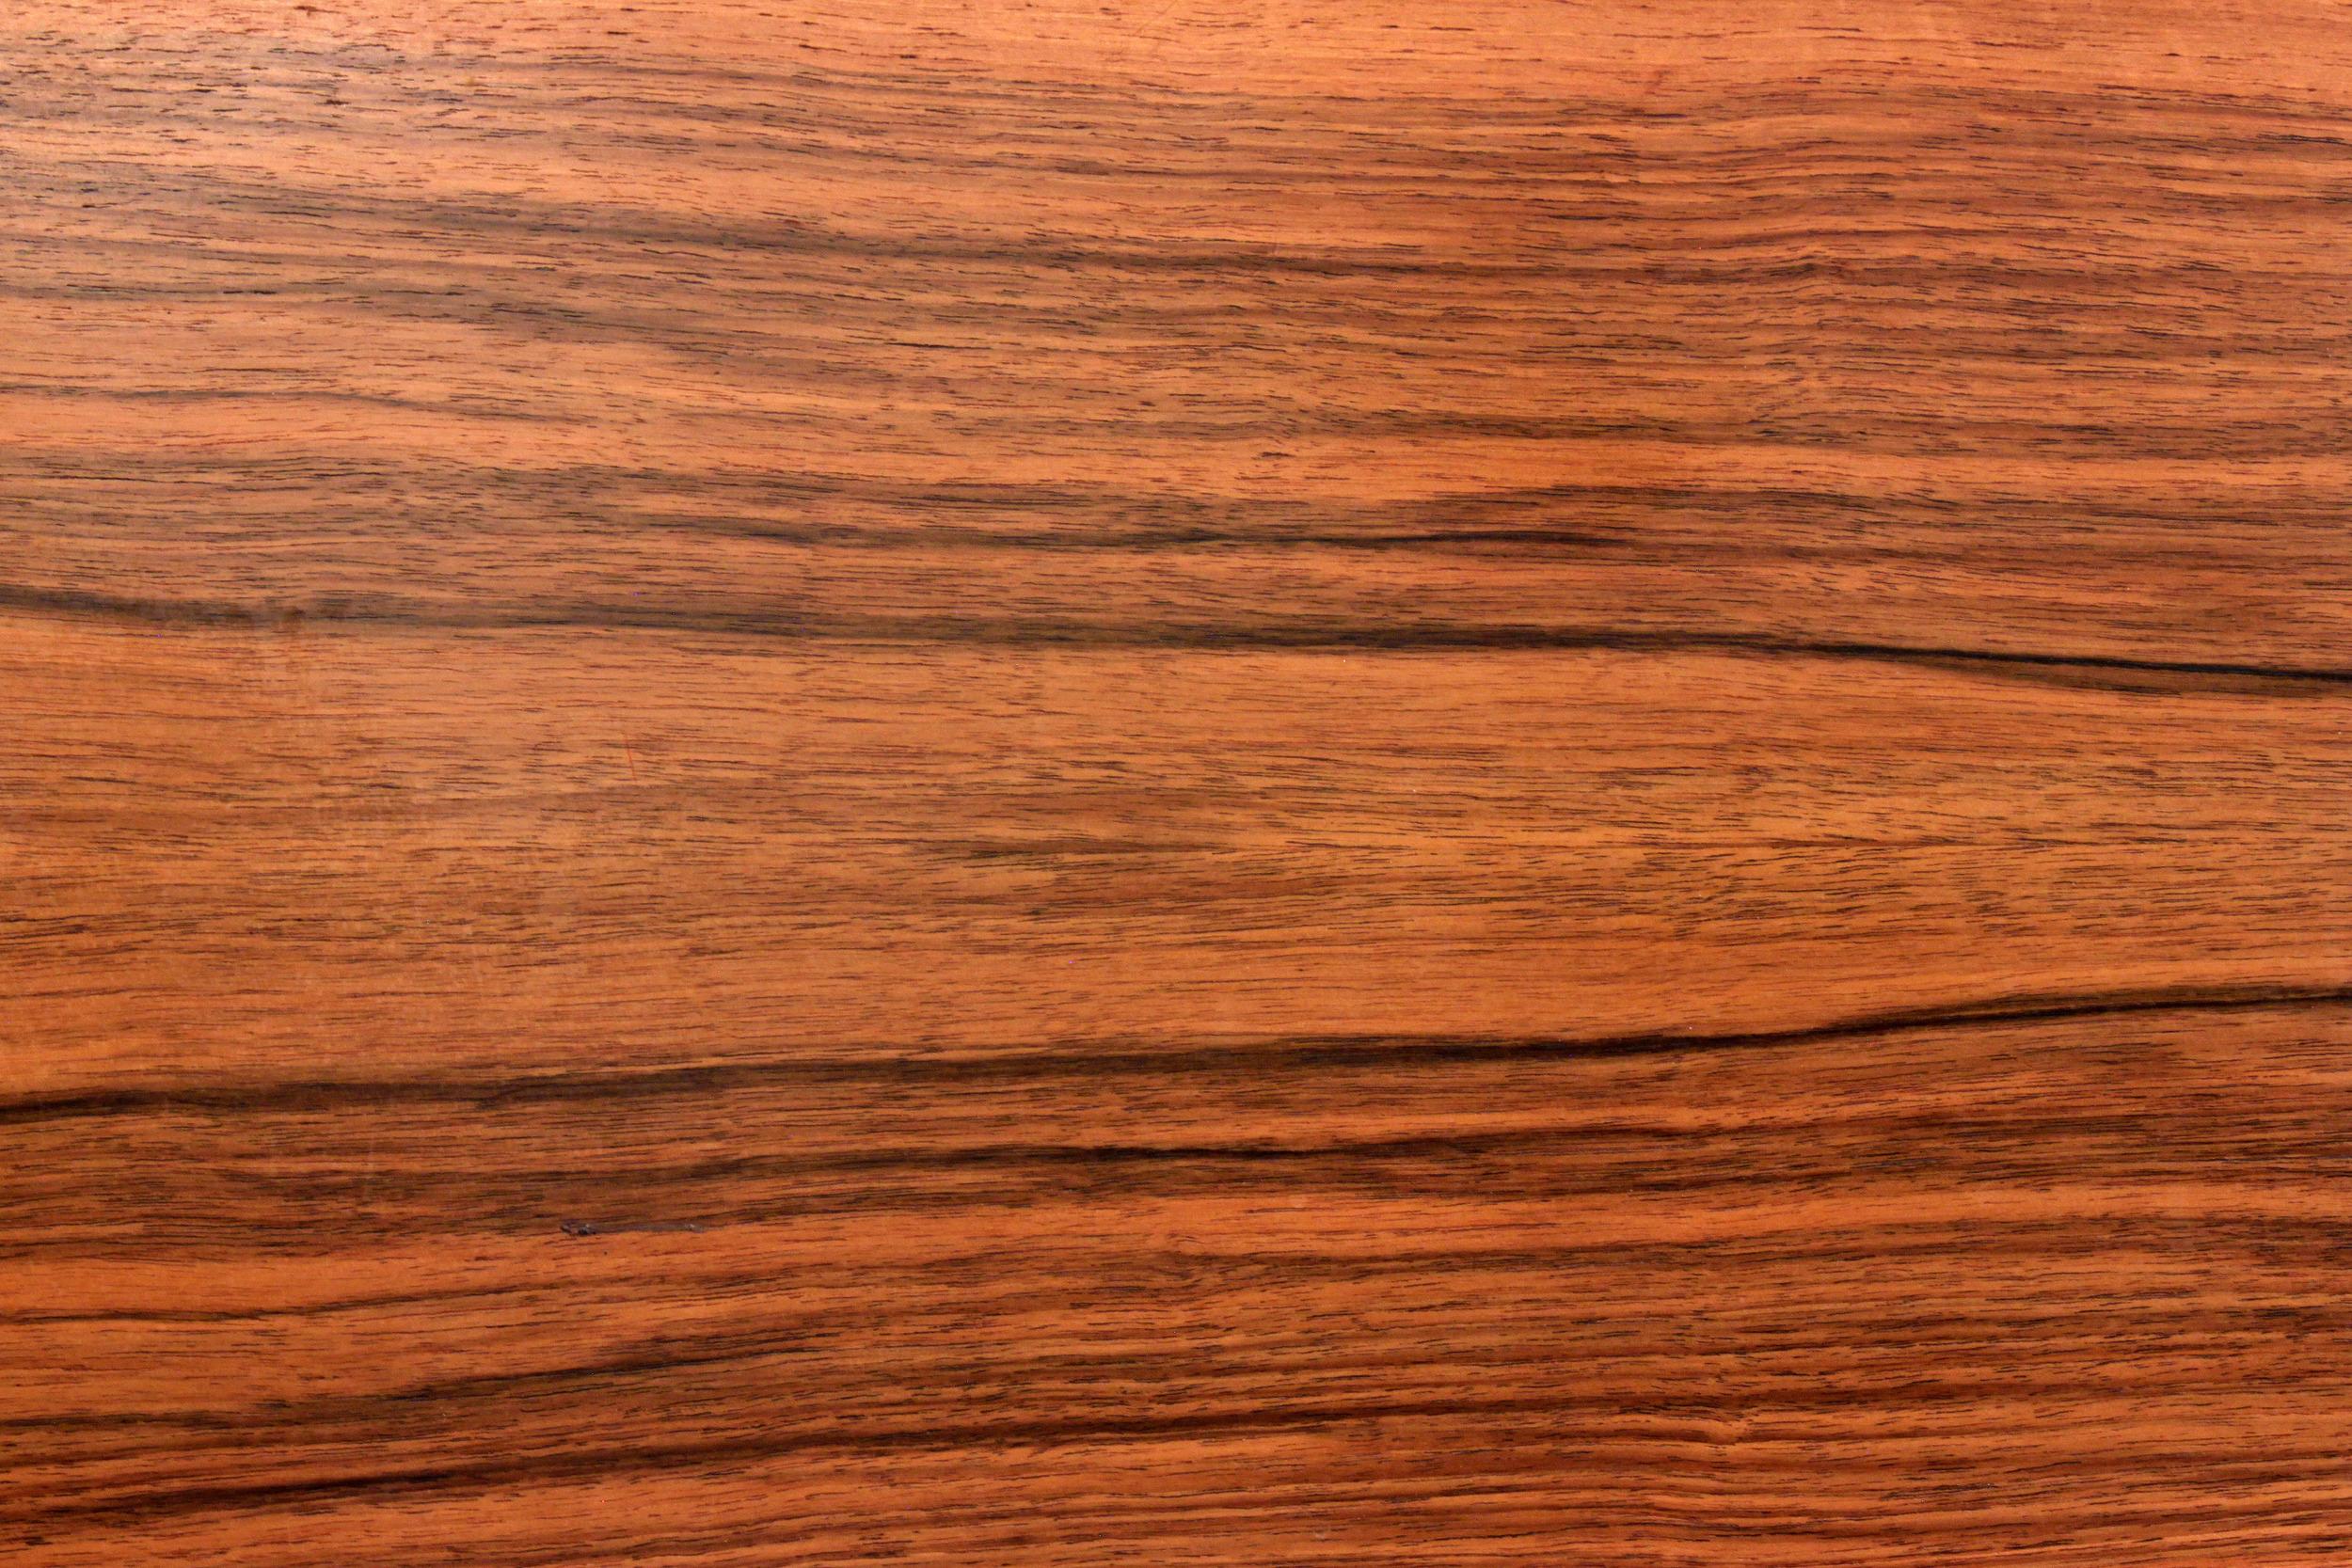 Dunbar 30 mahog+tawi inset full headboard8 main2 hires.jpg